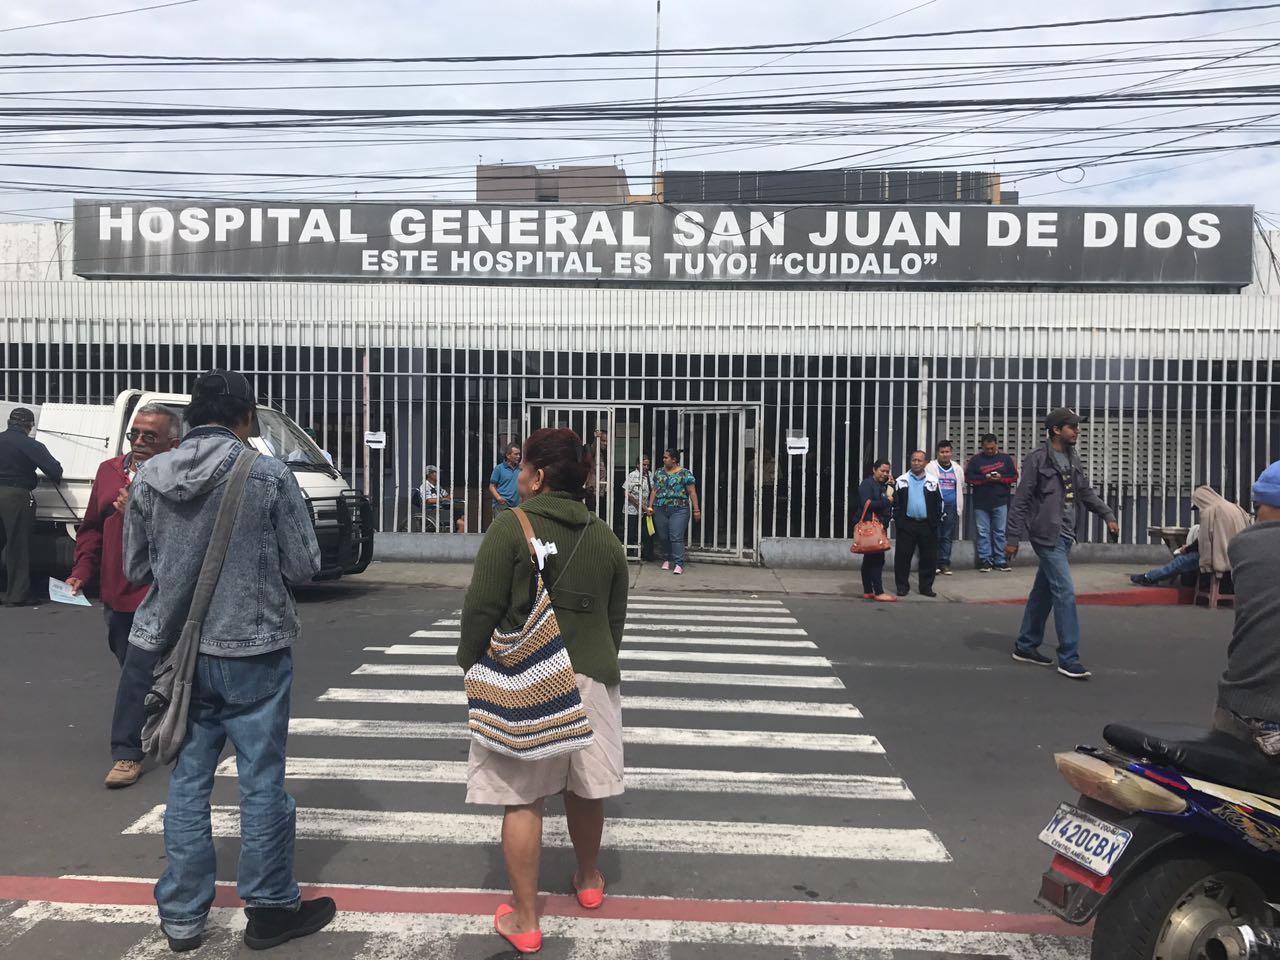 Hospital General San Juan de Dios restablece sus visitas. Hospitales.